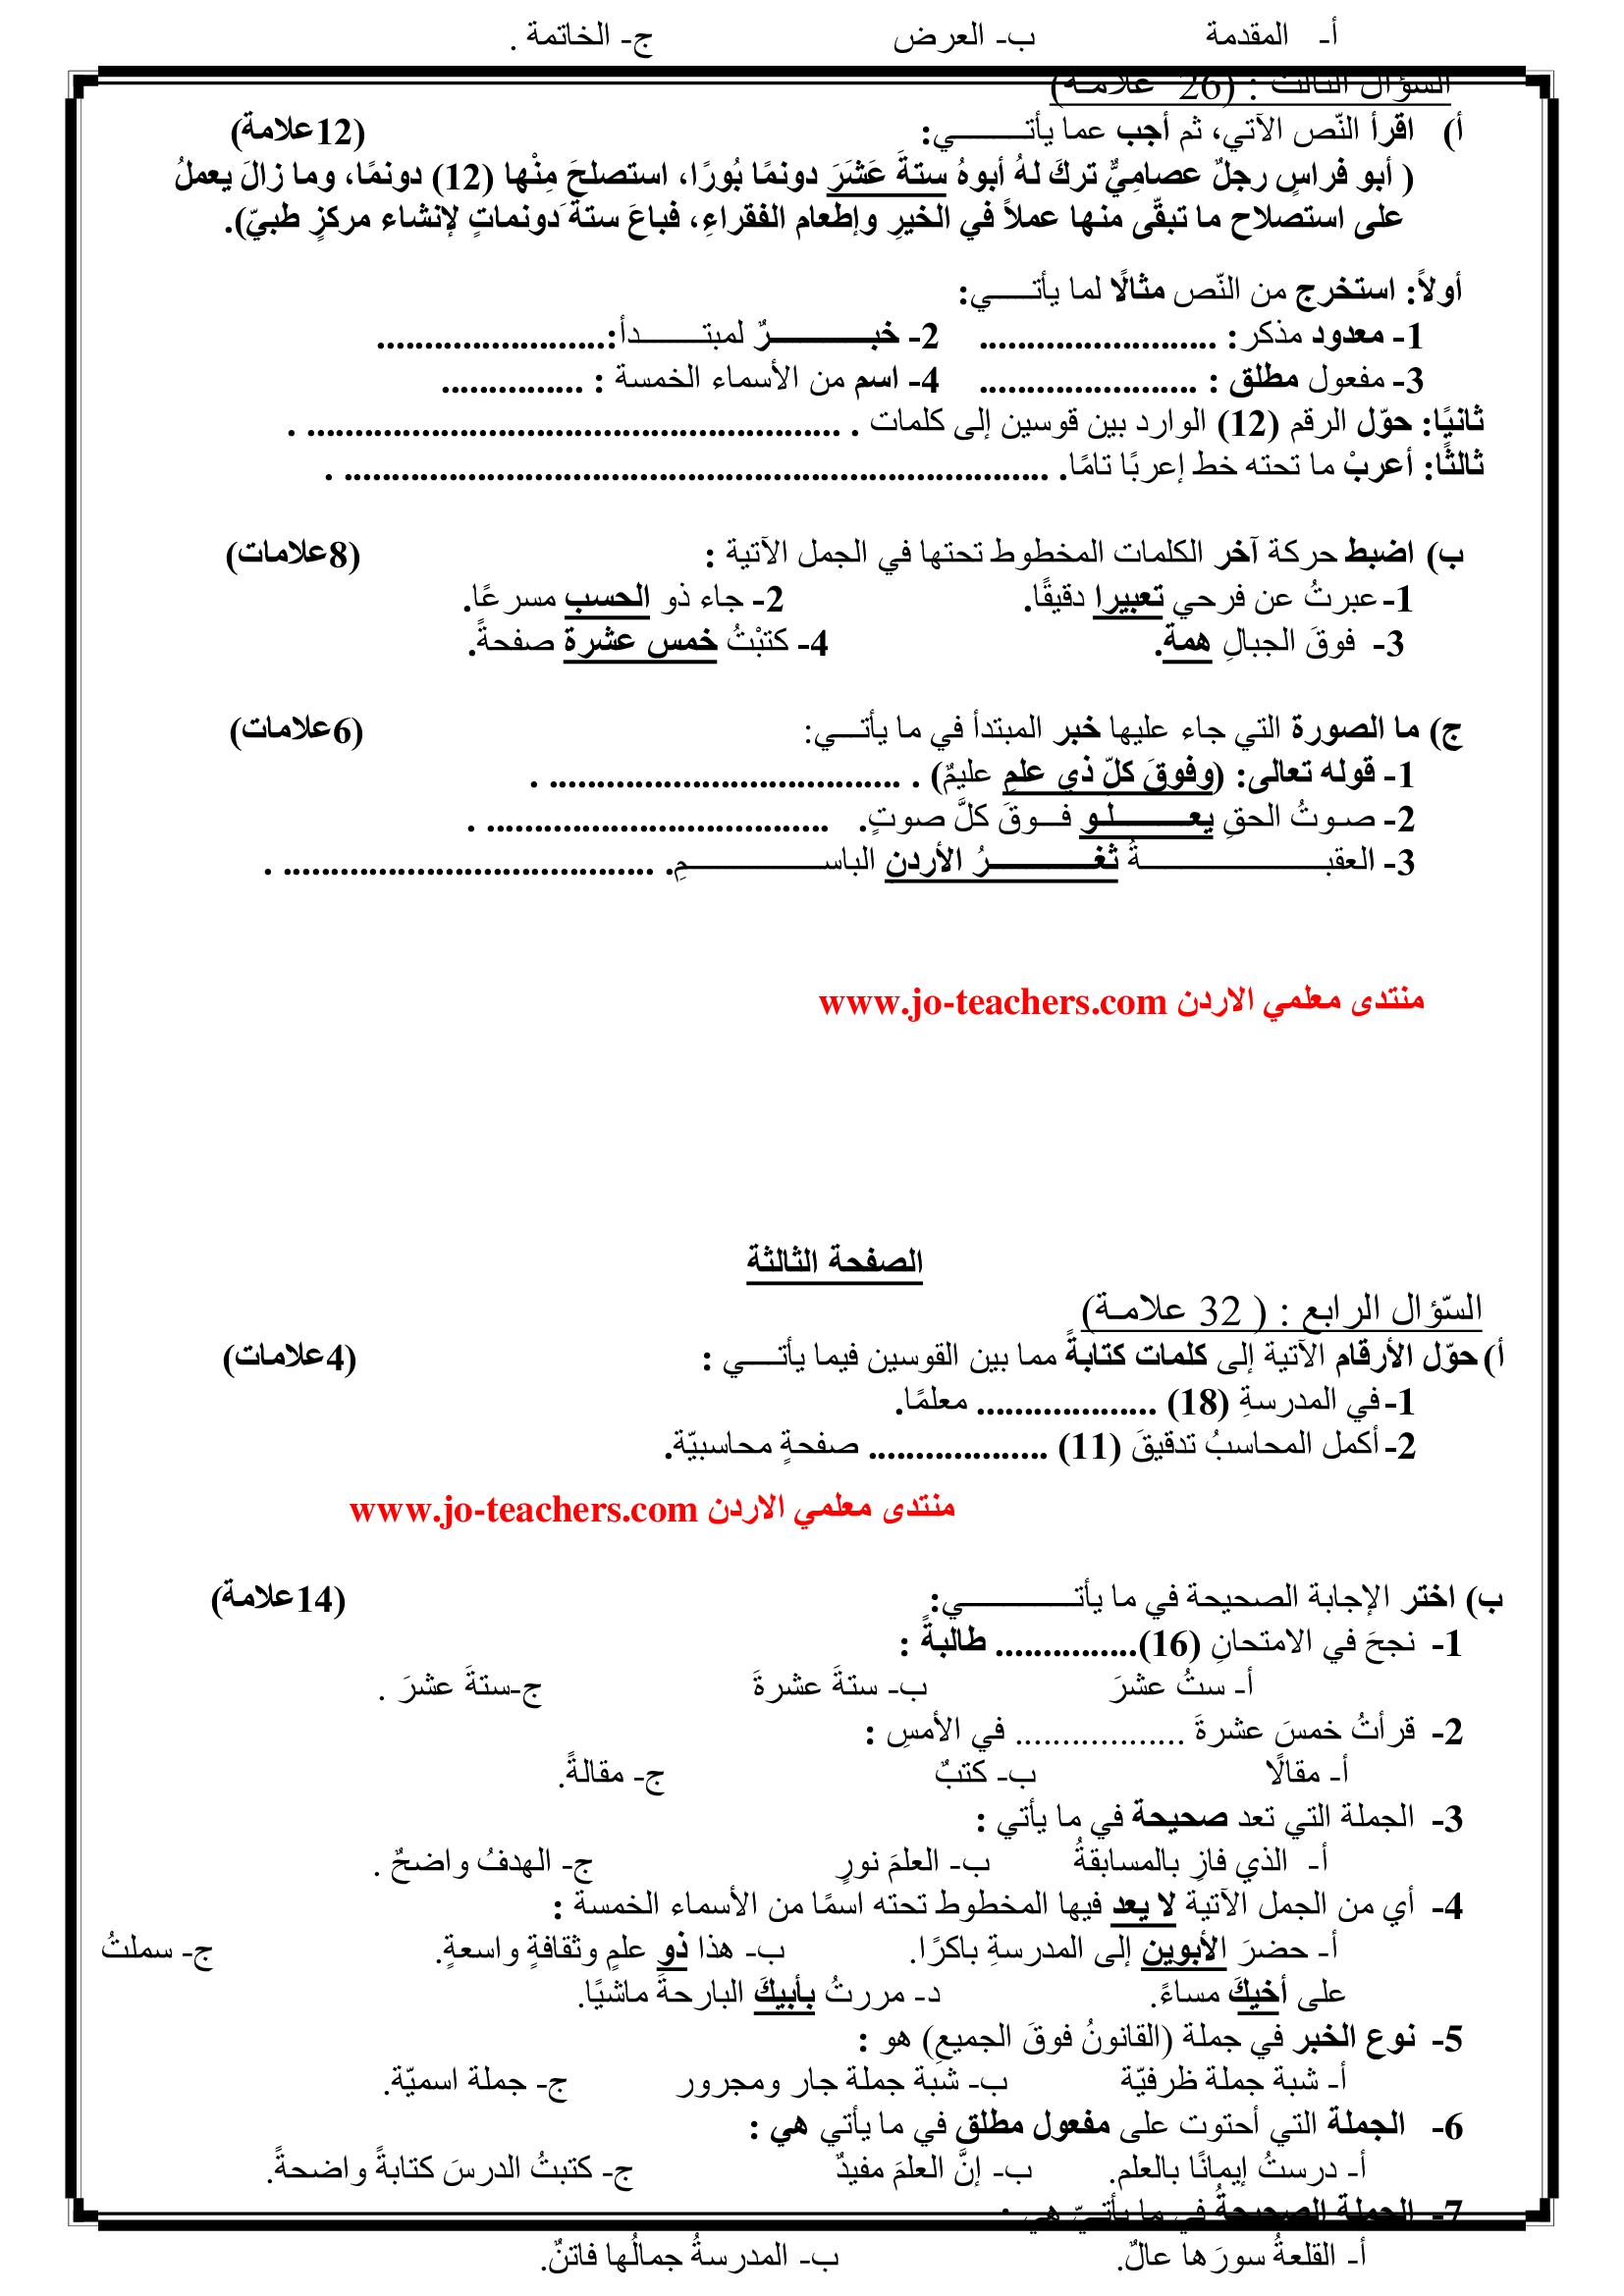 صور و وورد اختبار نهائي لمادة اللغة العربية للصف الثامن الفصل الثاني 2019